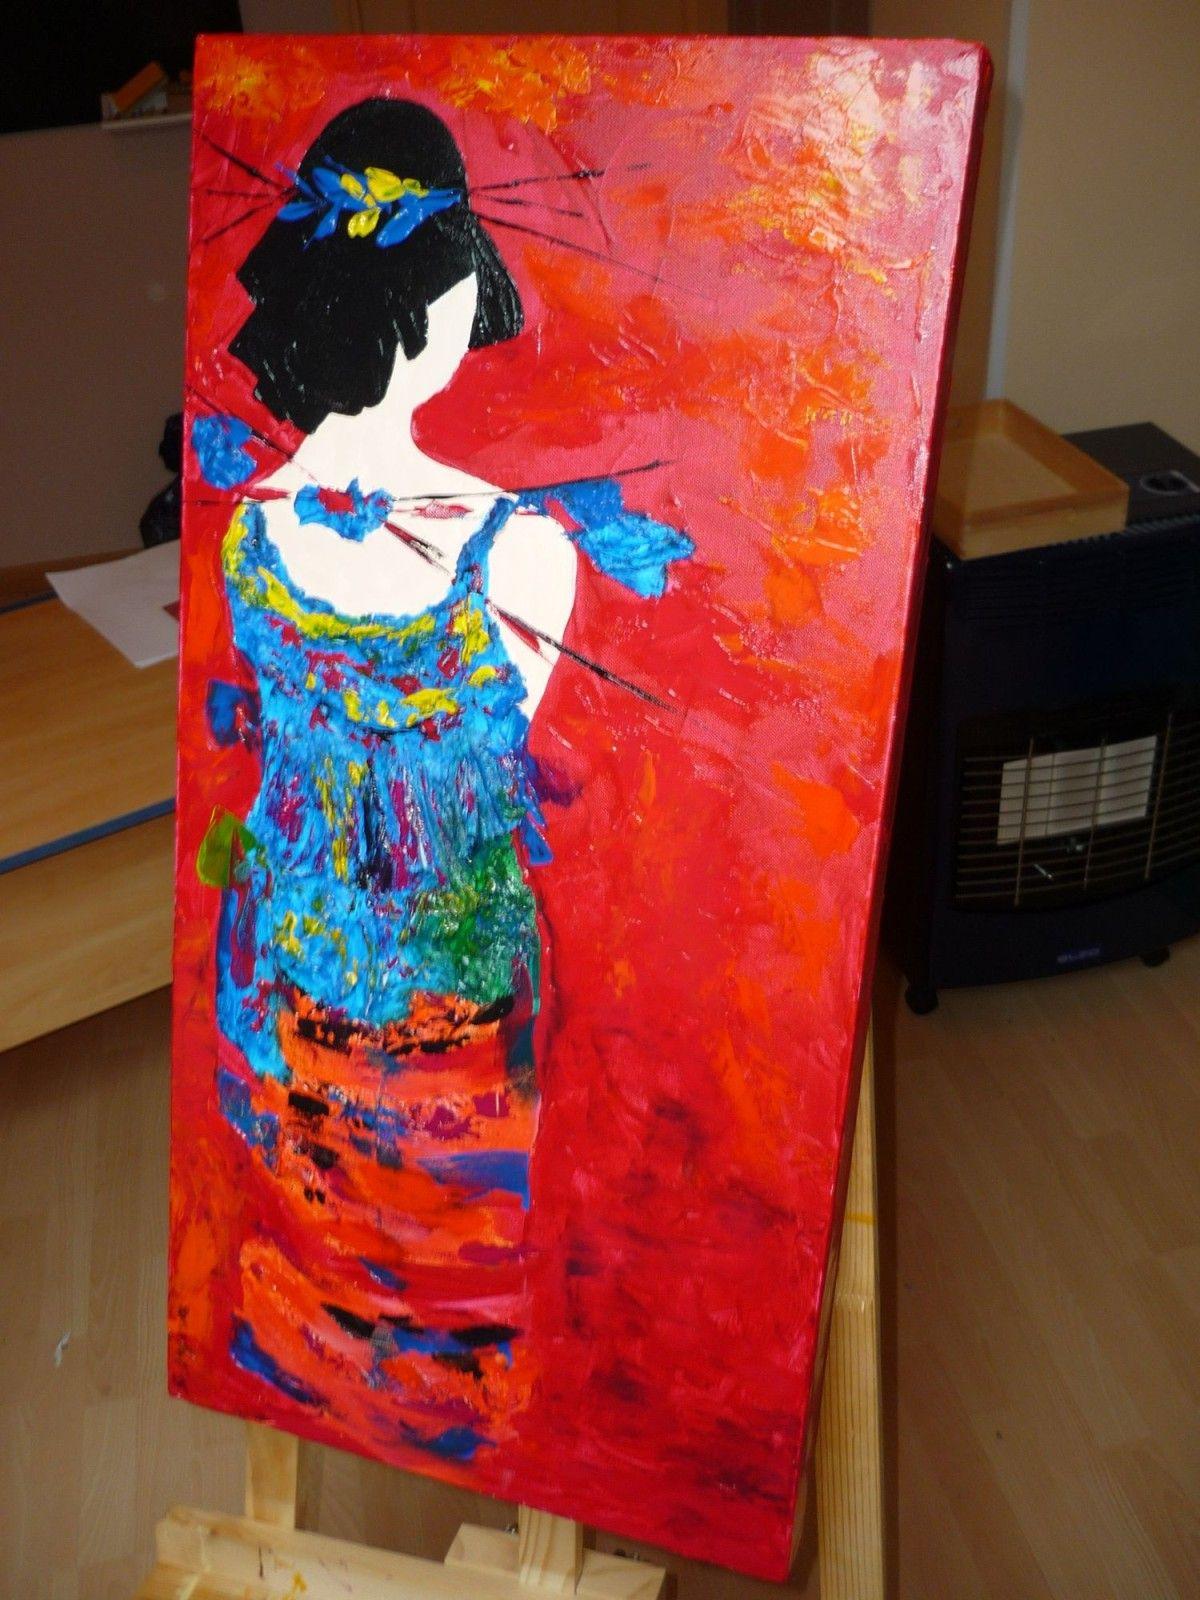 faire peinture acrylique sur toile recherche google art pinterest peinture acrylique. Black Bedroom Furniture Sets. Home Design Ideas